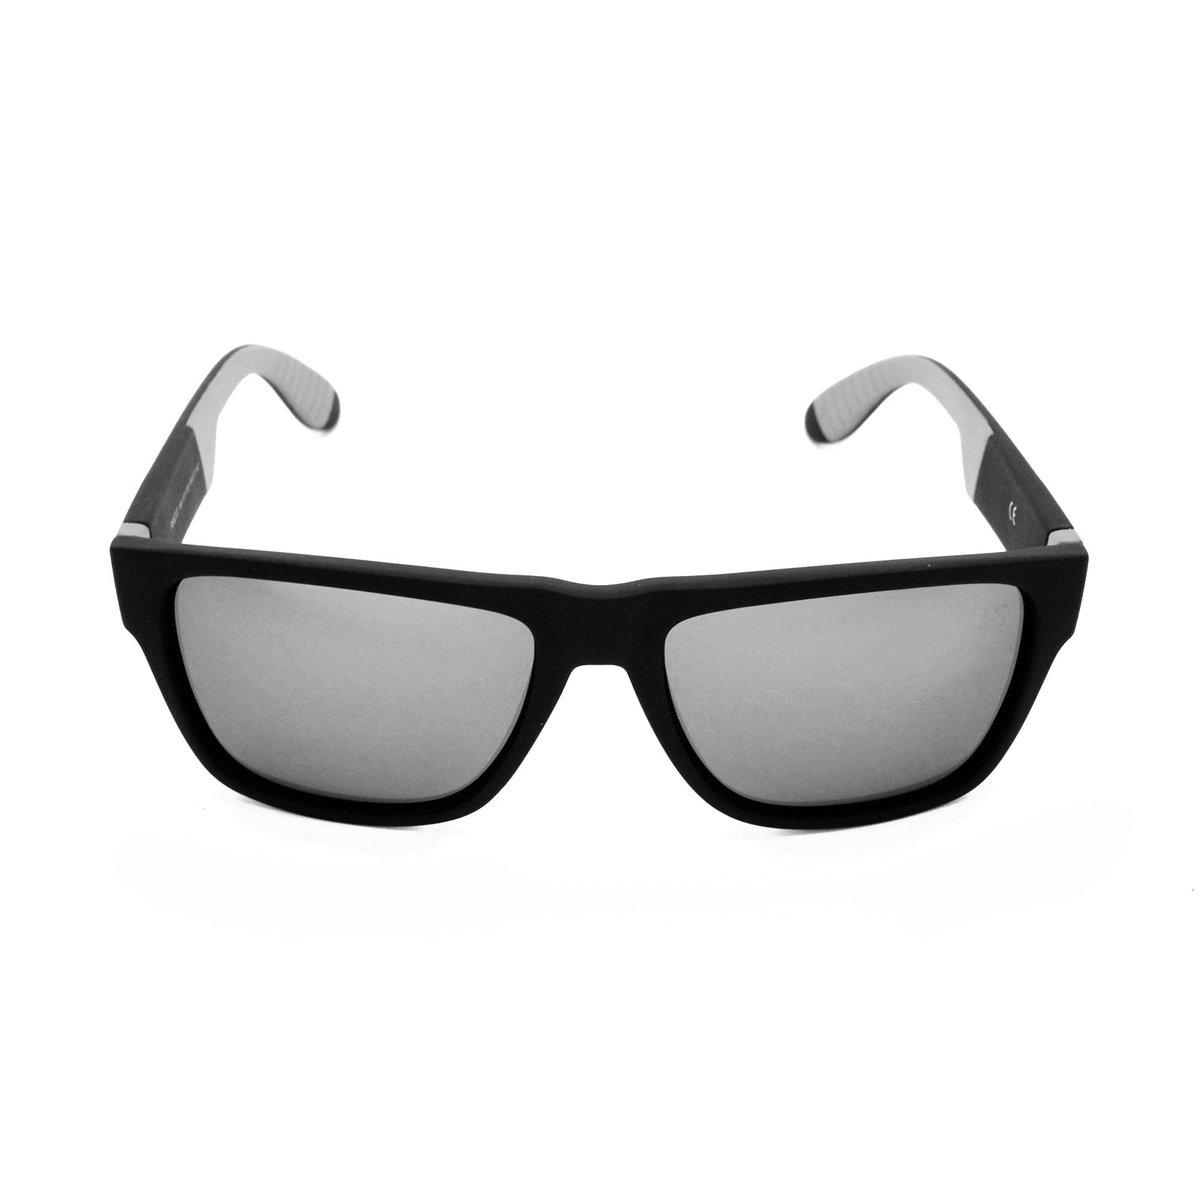 Óculos Solar KT8233PRELPRE - Compre Agora   Netshoes 9eab525832